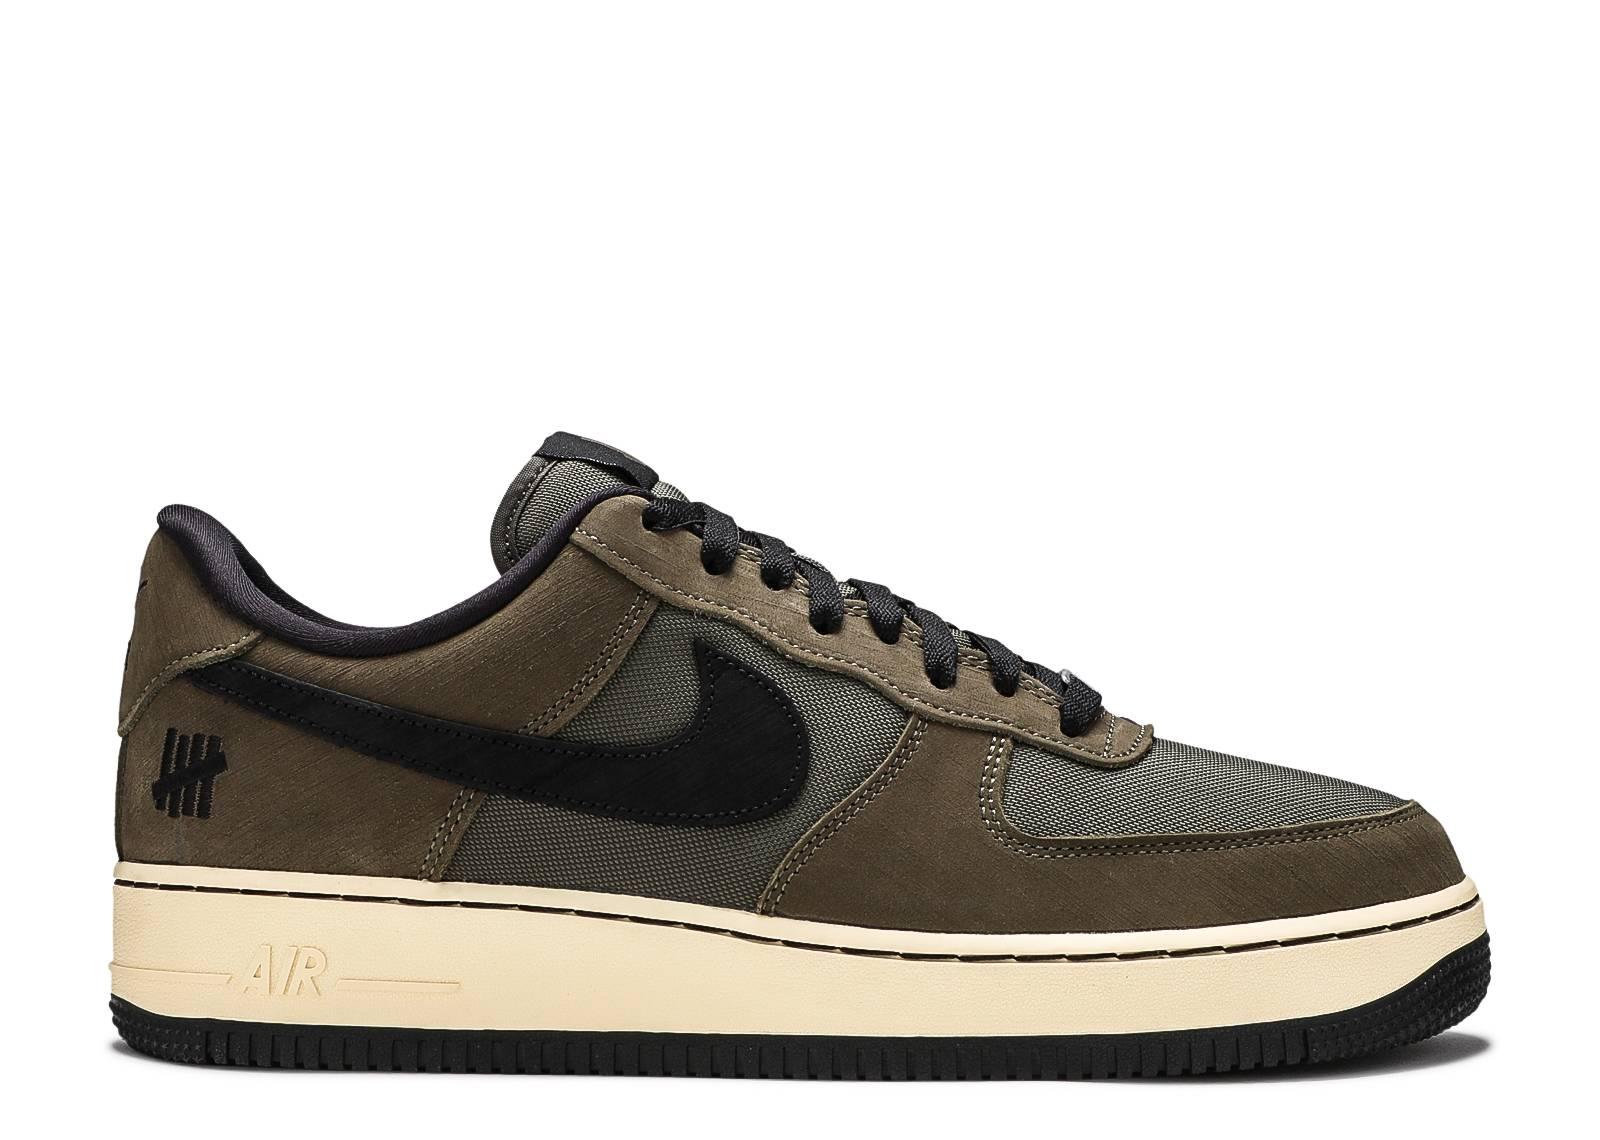 Nike Air Force Sneakers | Flight Club